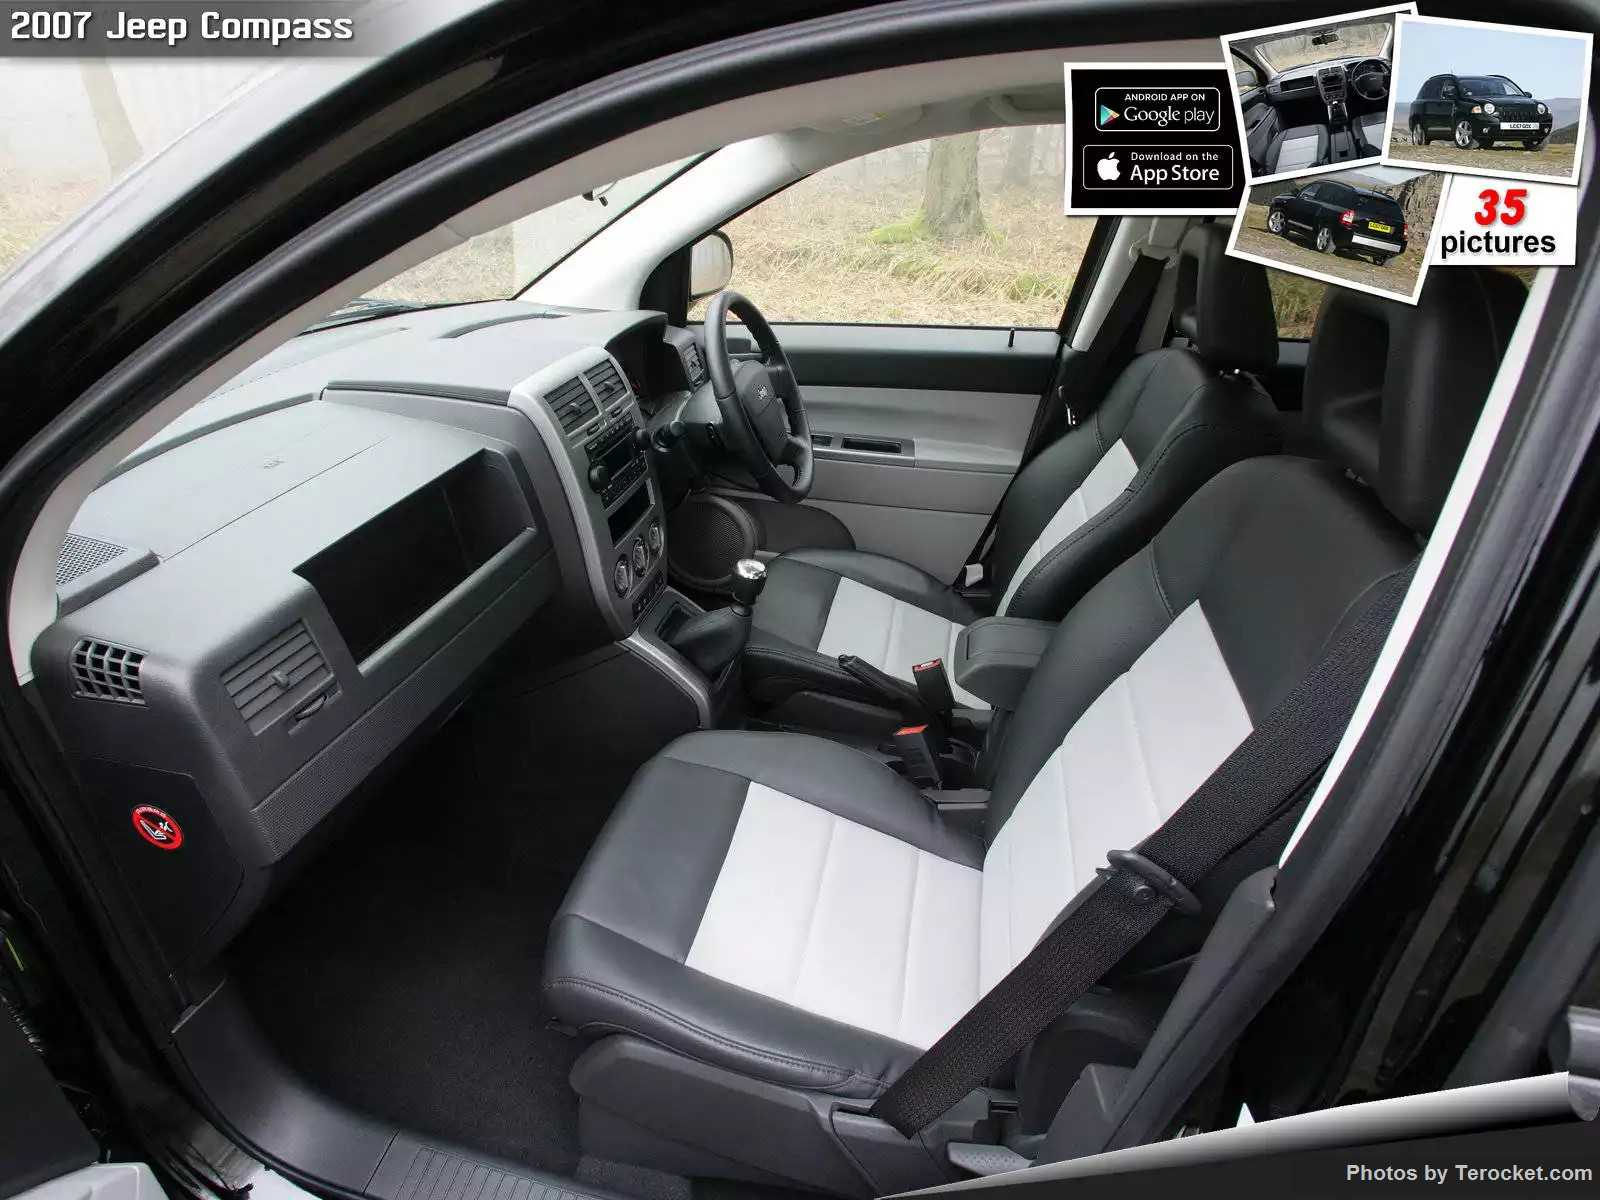 Hình ảnh xe ô tô Jeep Compass UK Version 2007 & nội ngoại thất